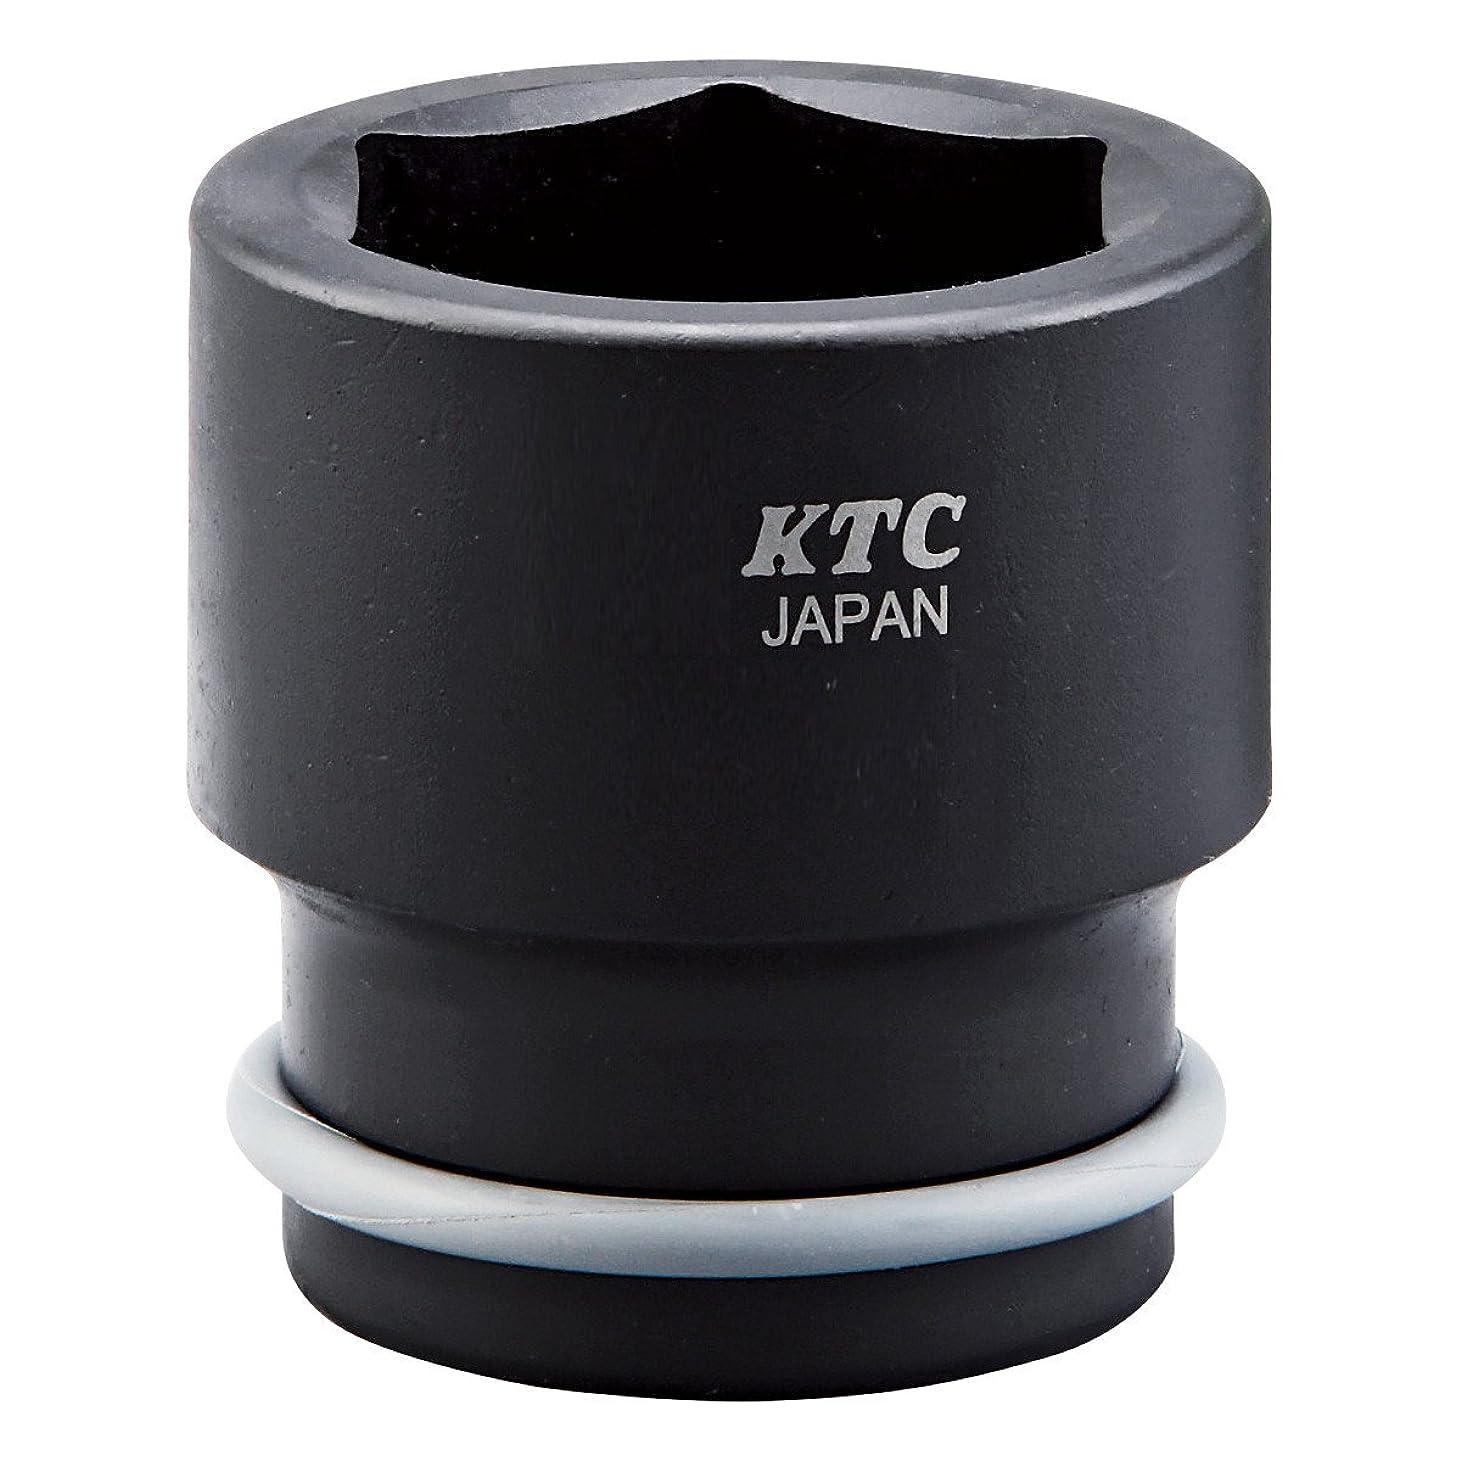 小売上大騒ぎ京都機械工具(KTC) インパクトレンチ ソケット 6角 BP6-21P 仕様サイズ:21×差込角:19.0×全長:51.0mm